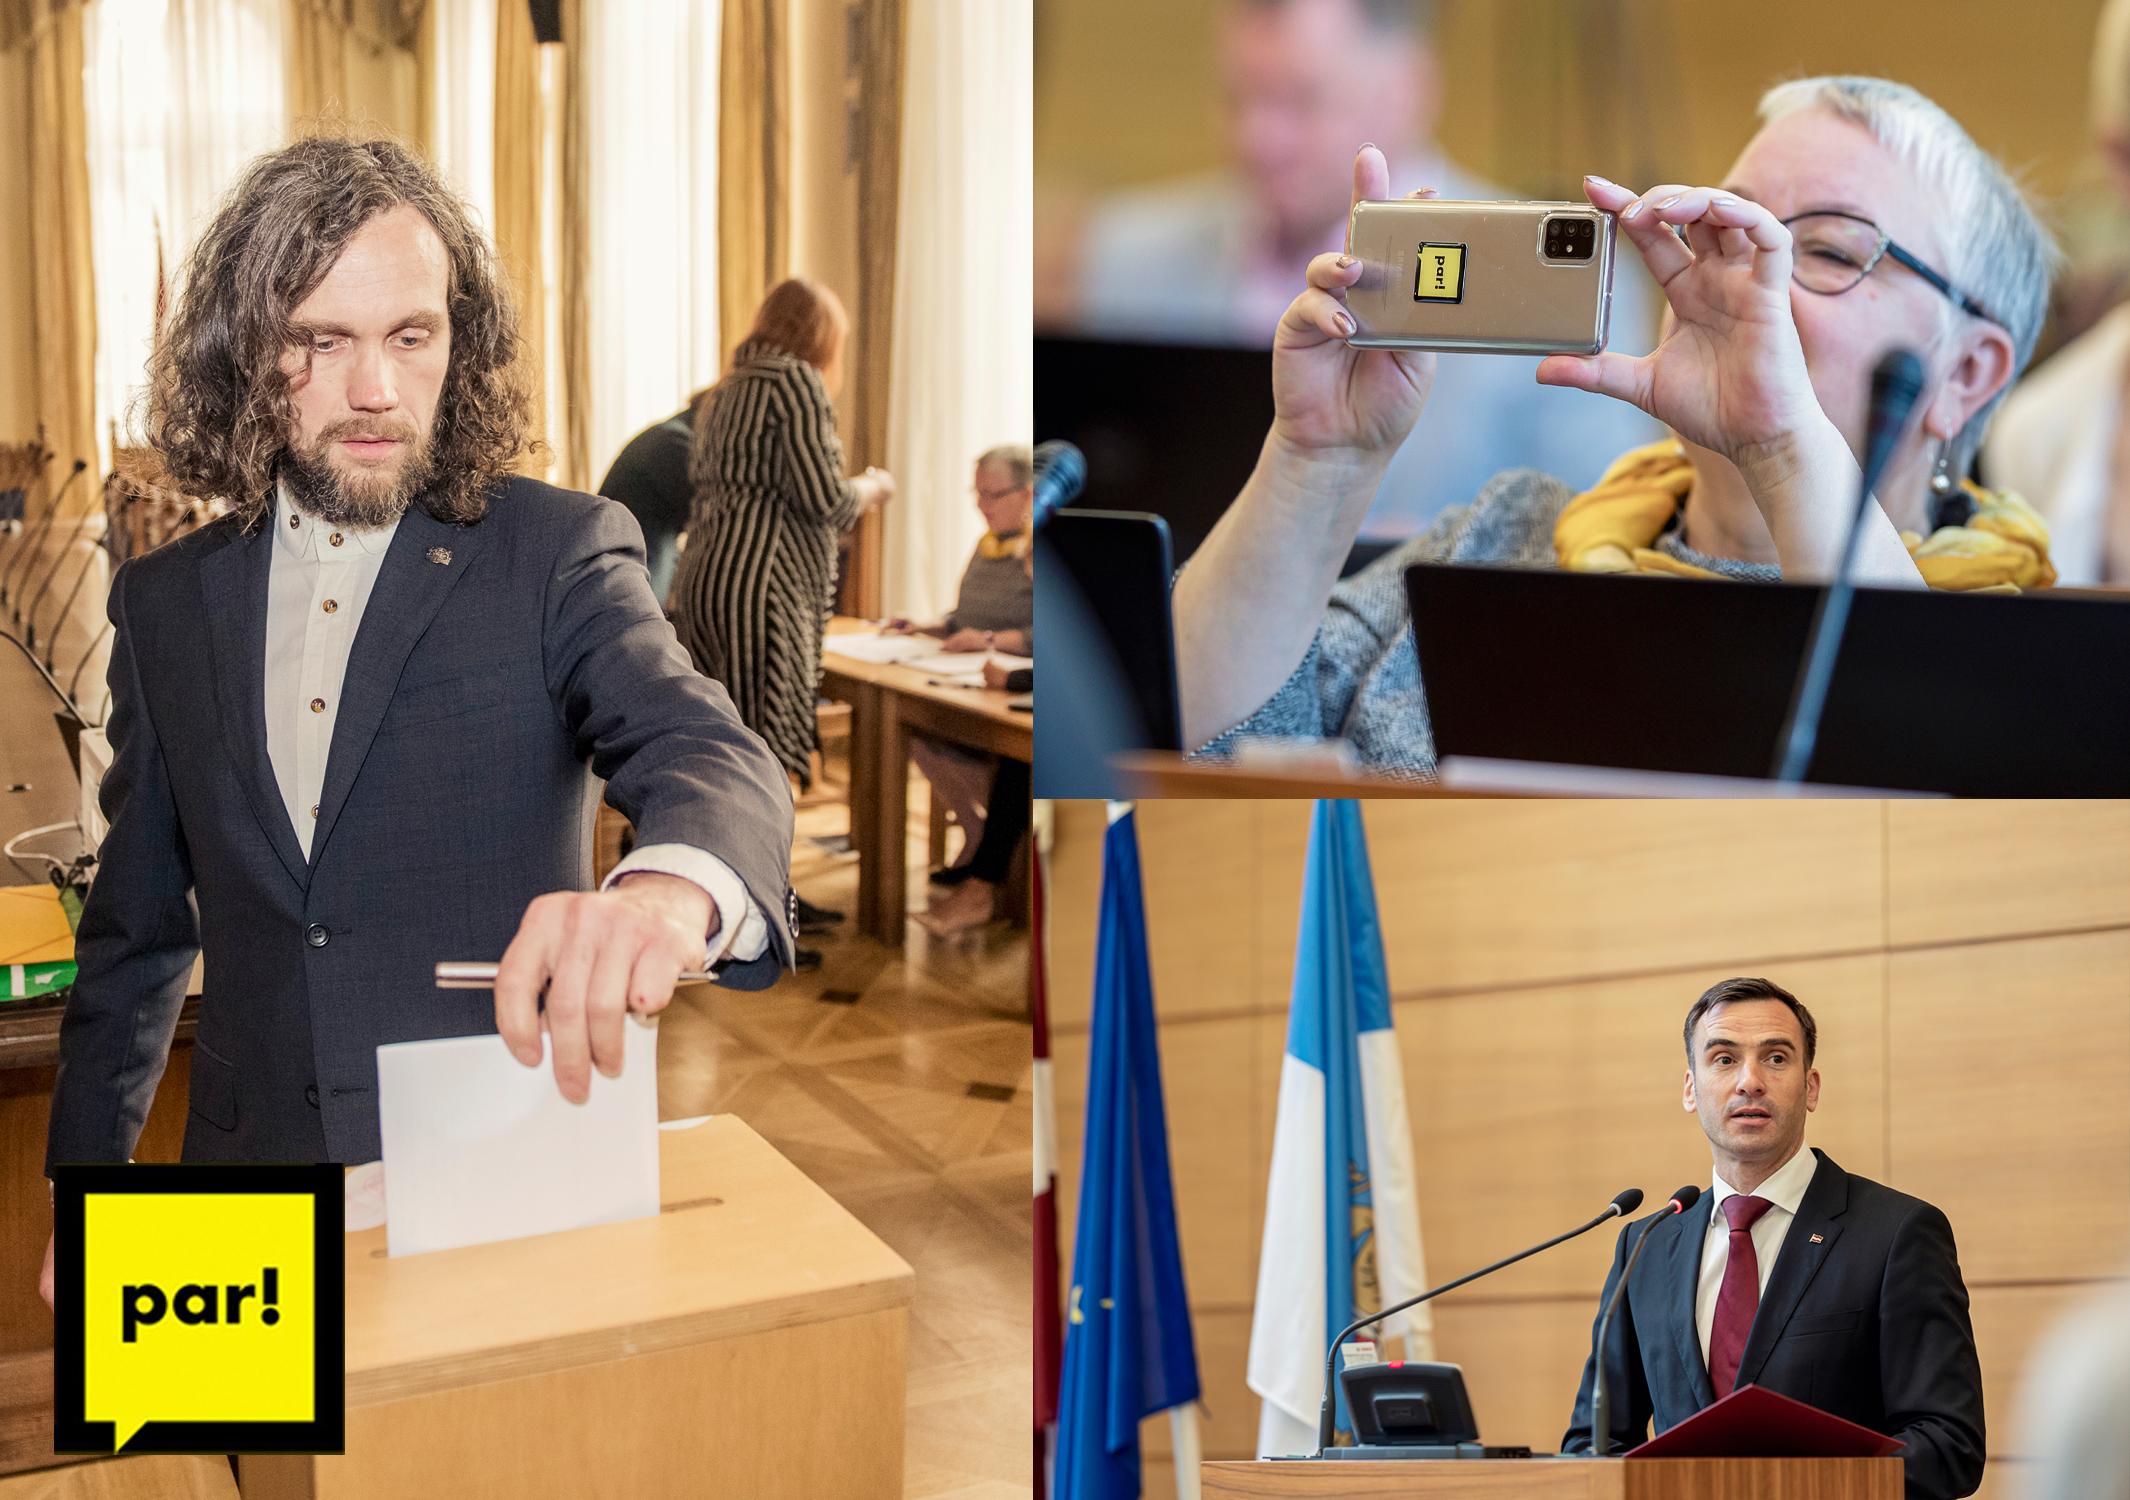 Mārtiņš Staķis, Ivars Drulle un Laima Geikina Rīgas domē